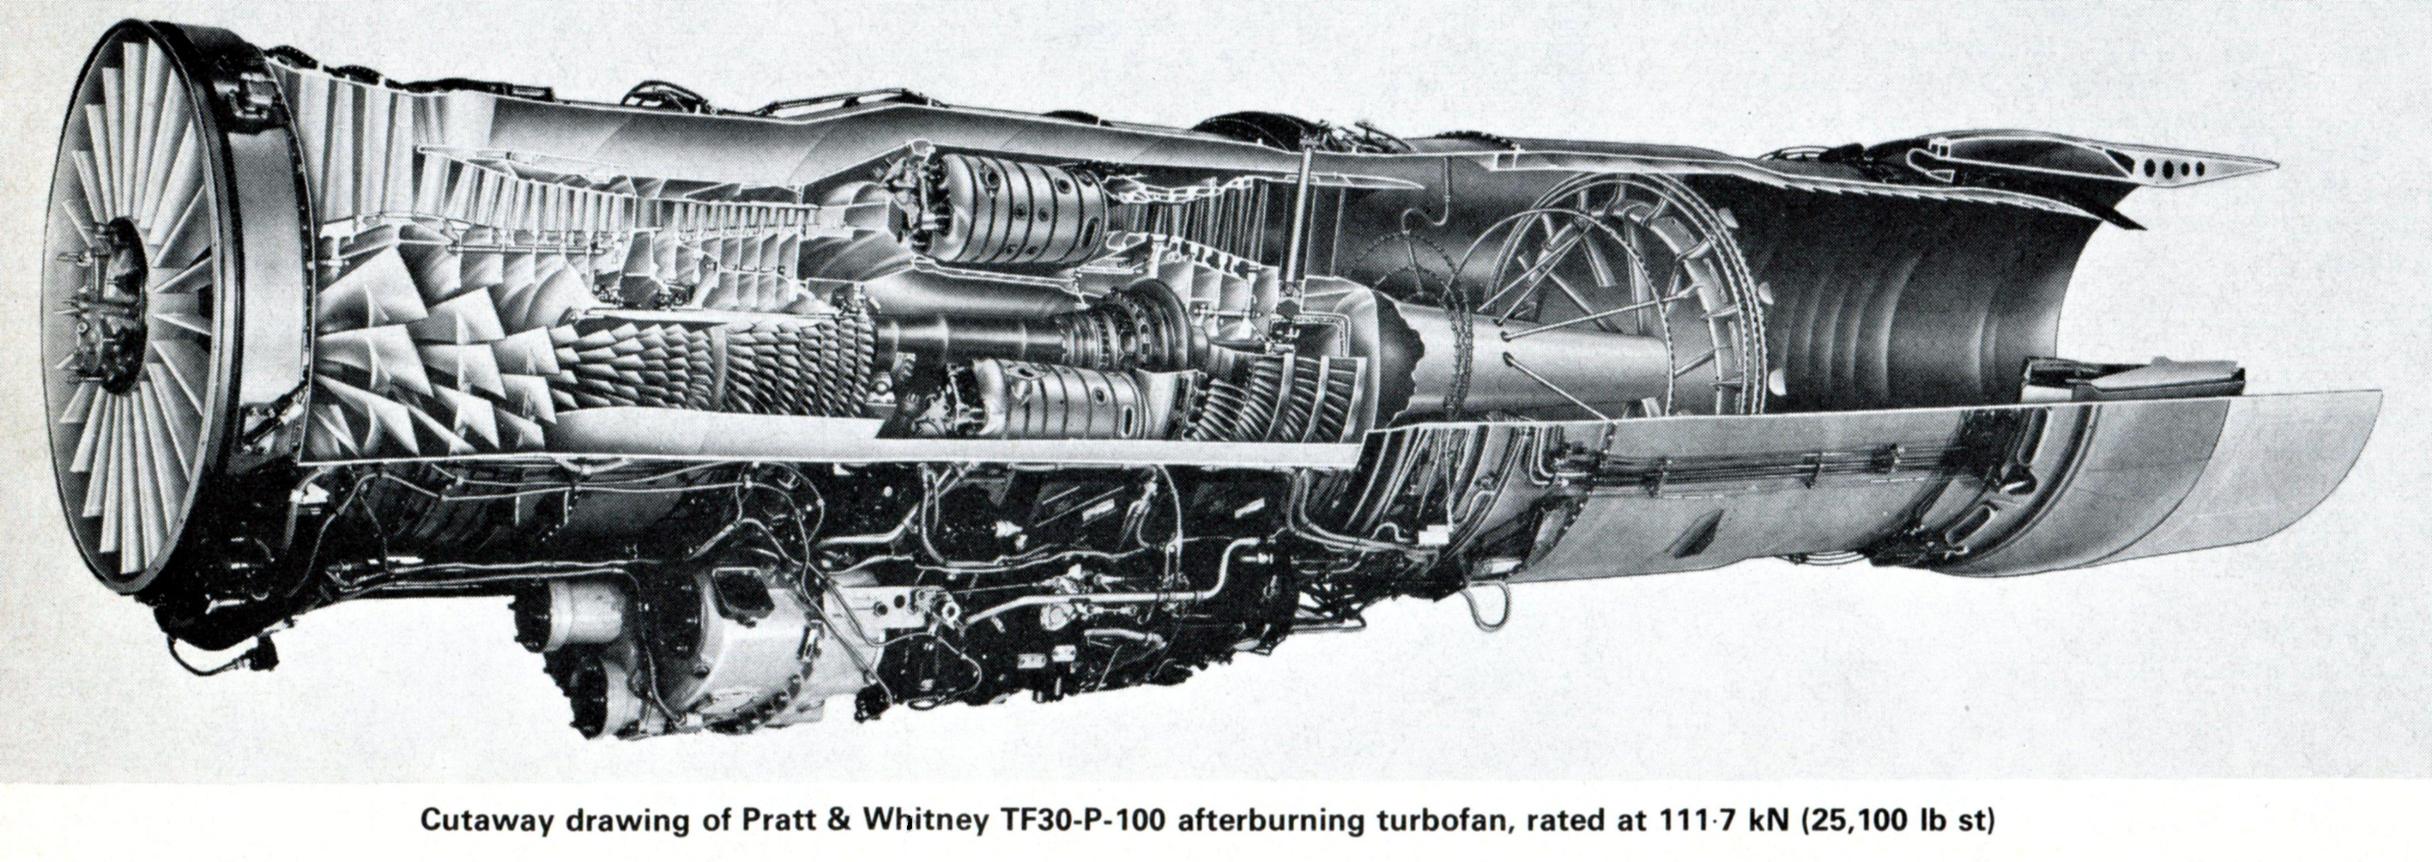 pratt_whitney_tf30-p-100_turbofan_engine_k.png